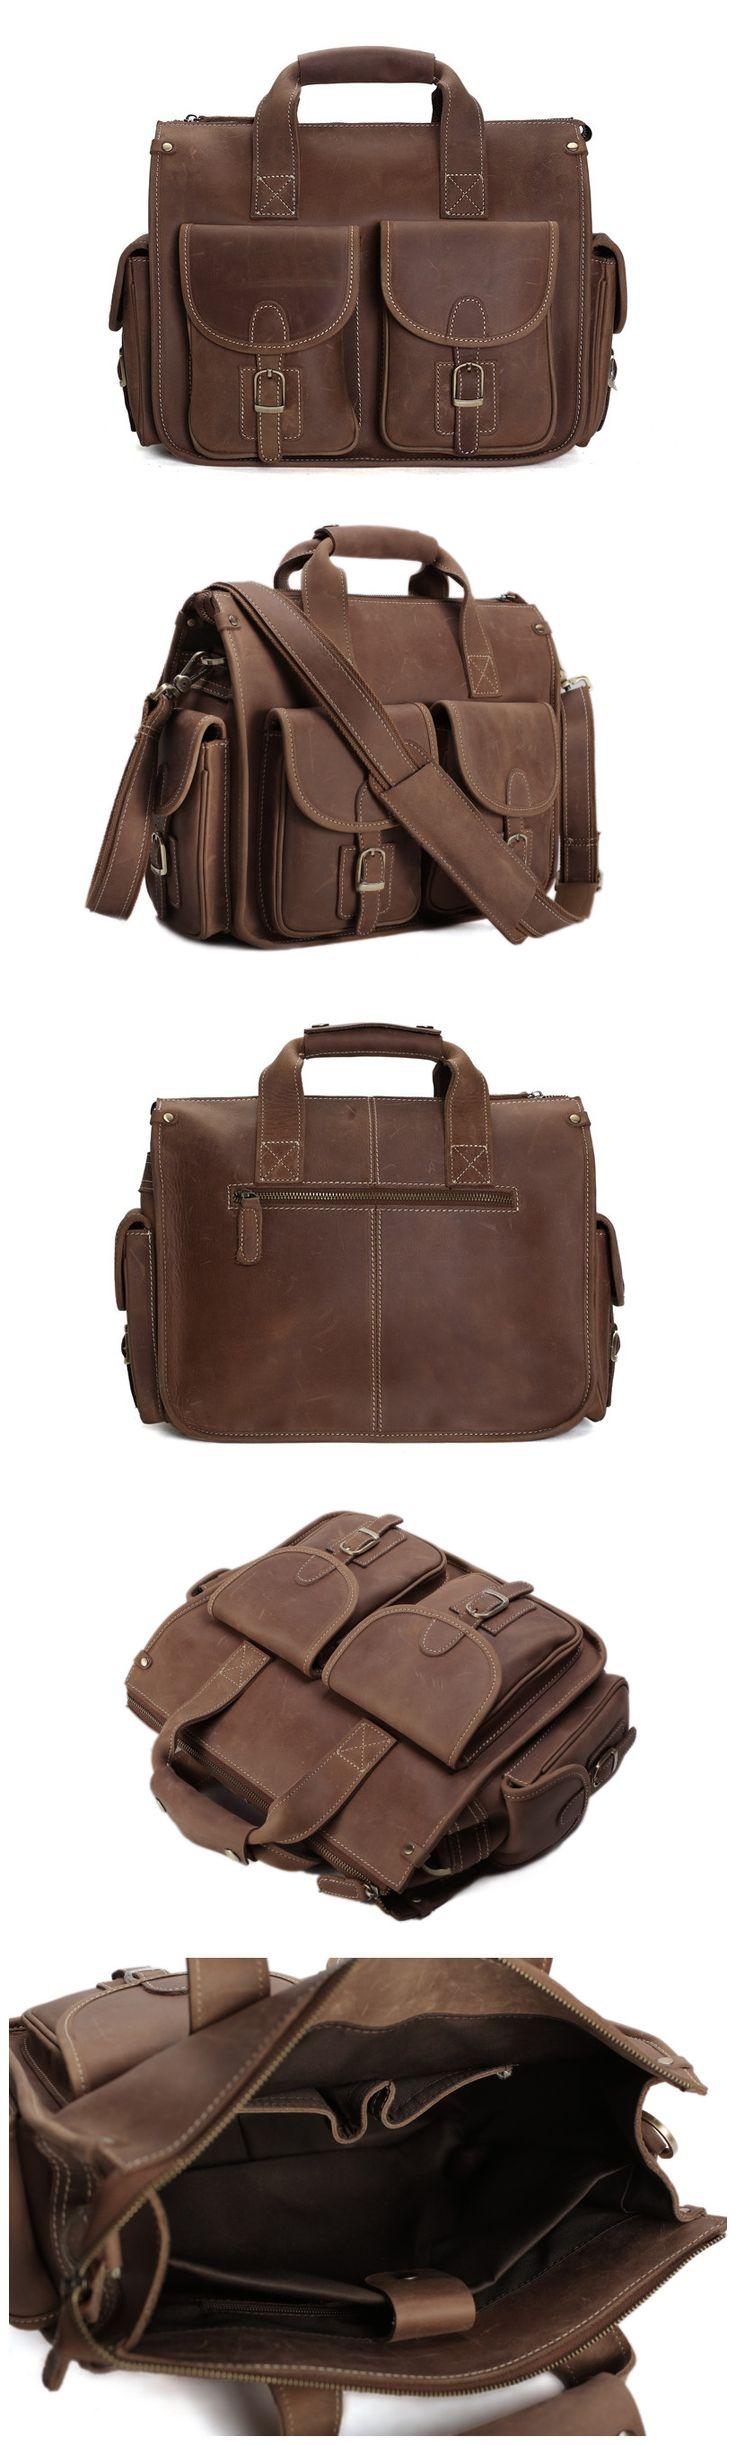 Leather Briefcase/Messenger Bag/ Men's Handbag